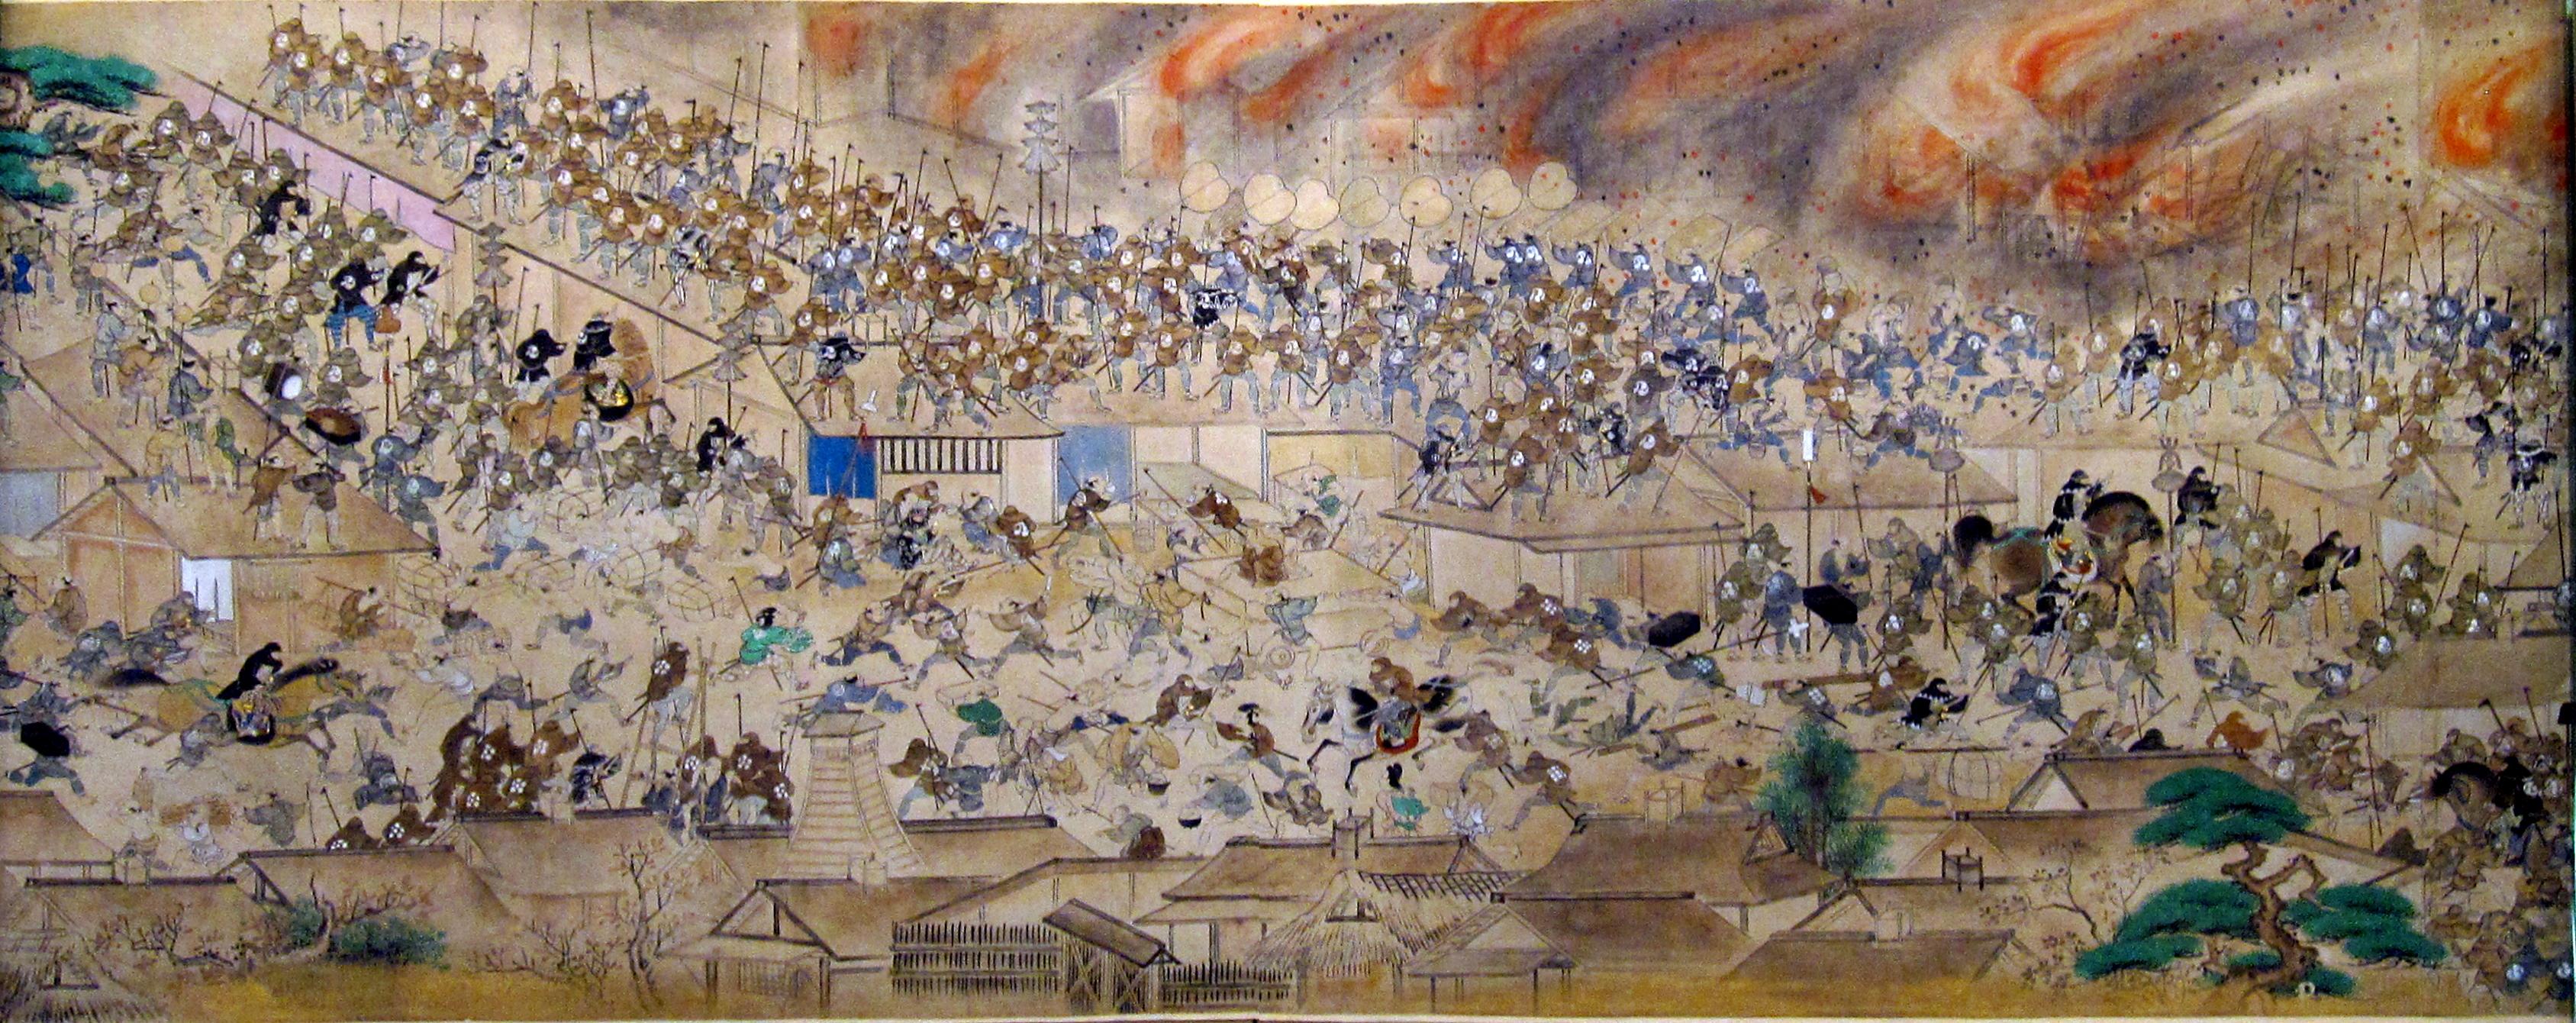 江戸時代の消防隊「火消」の破壊任務が興味深い